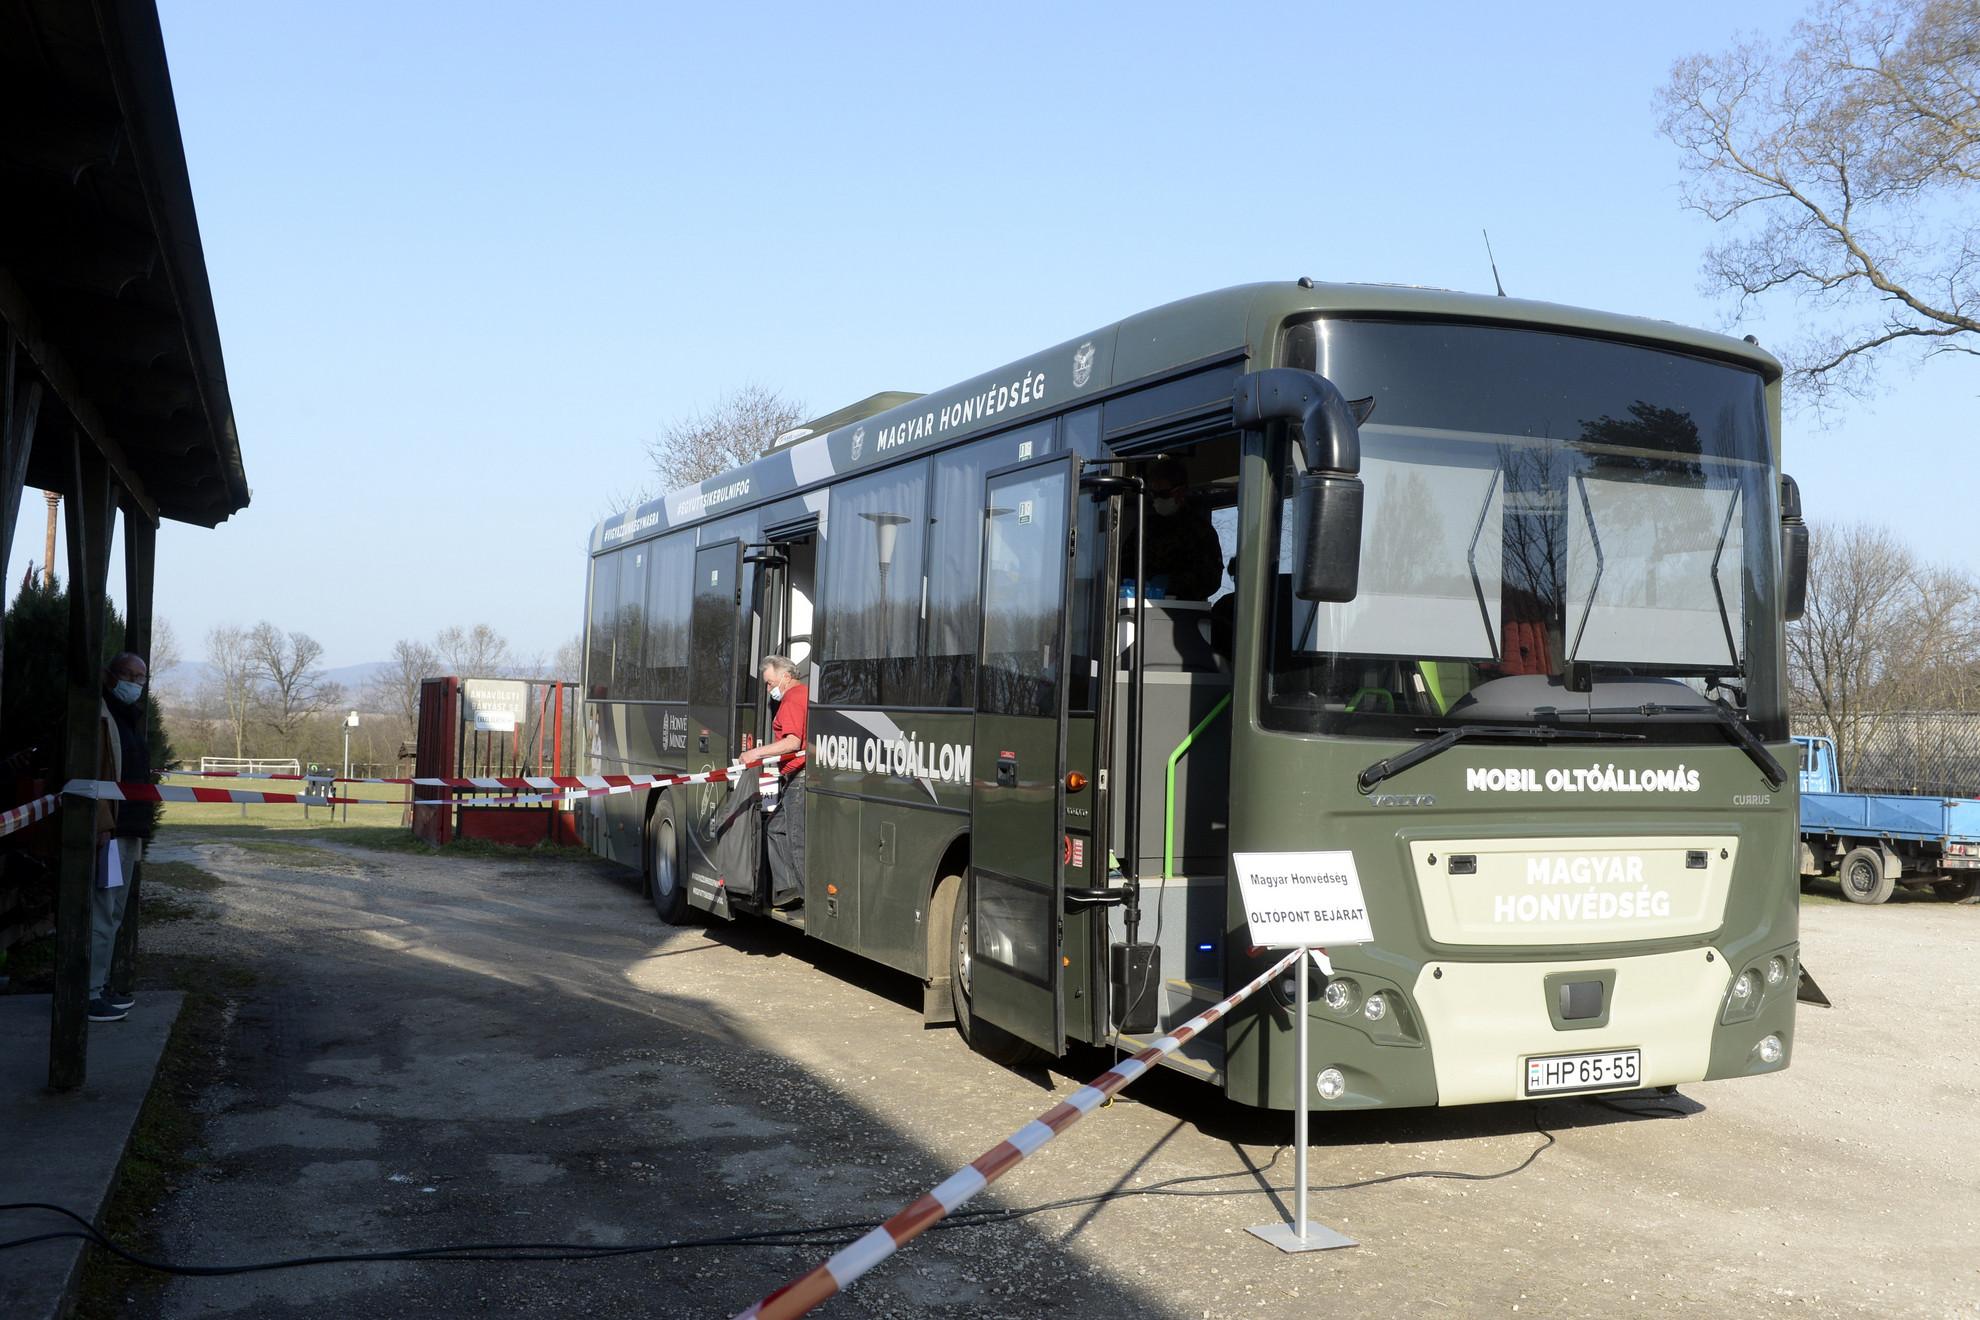 A Magyar Honvédség oltóbusza a Komárom-Esztergom megyei Annavölgyben 2021. március 31-én